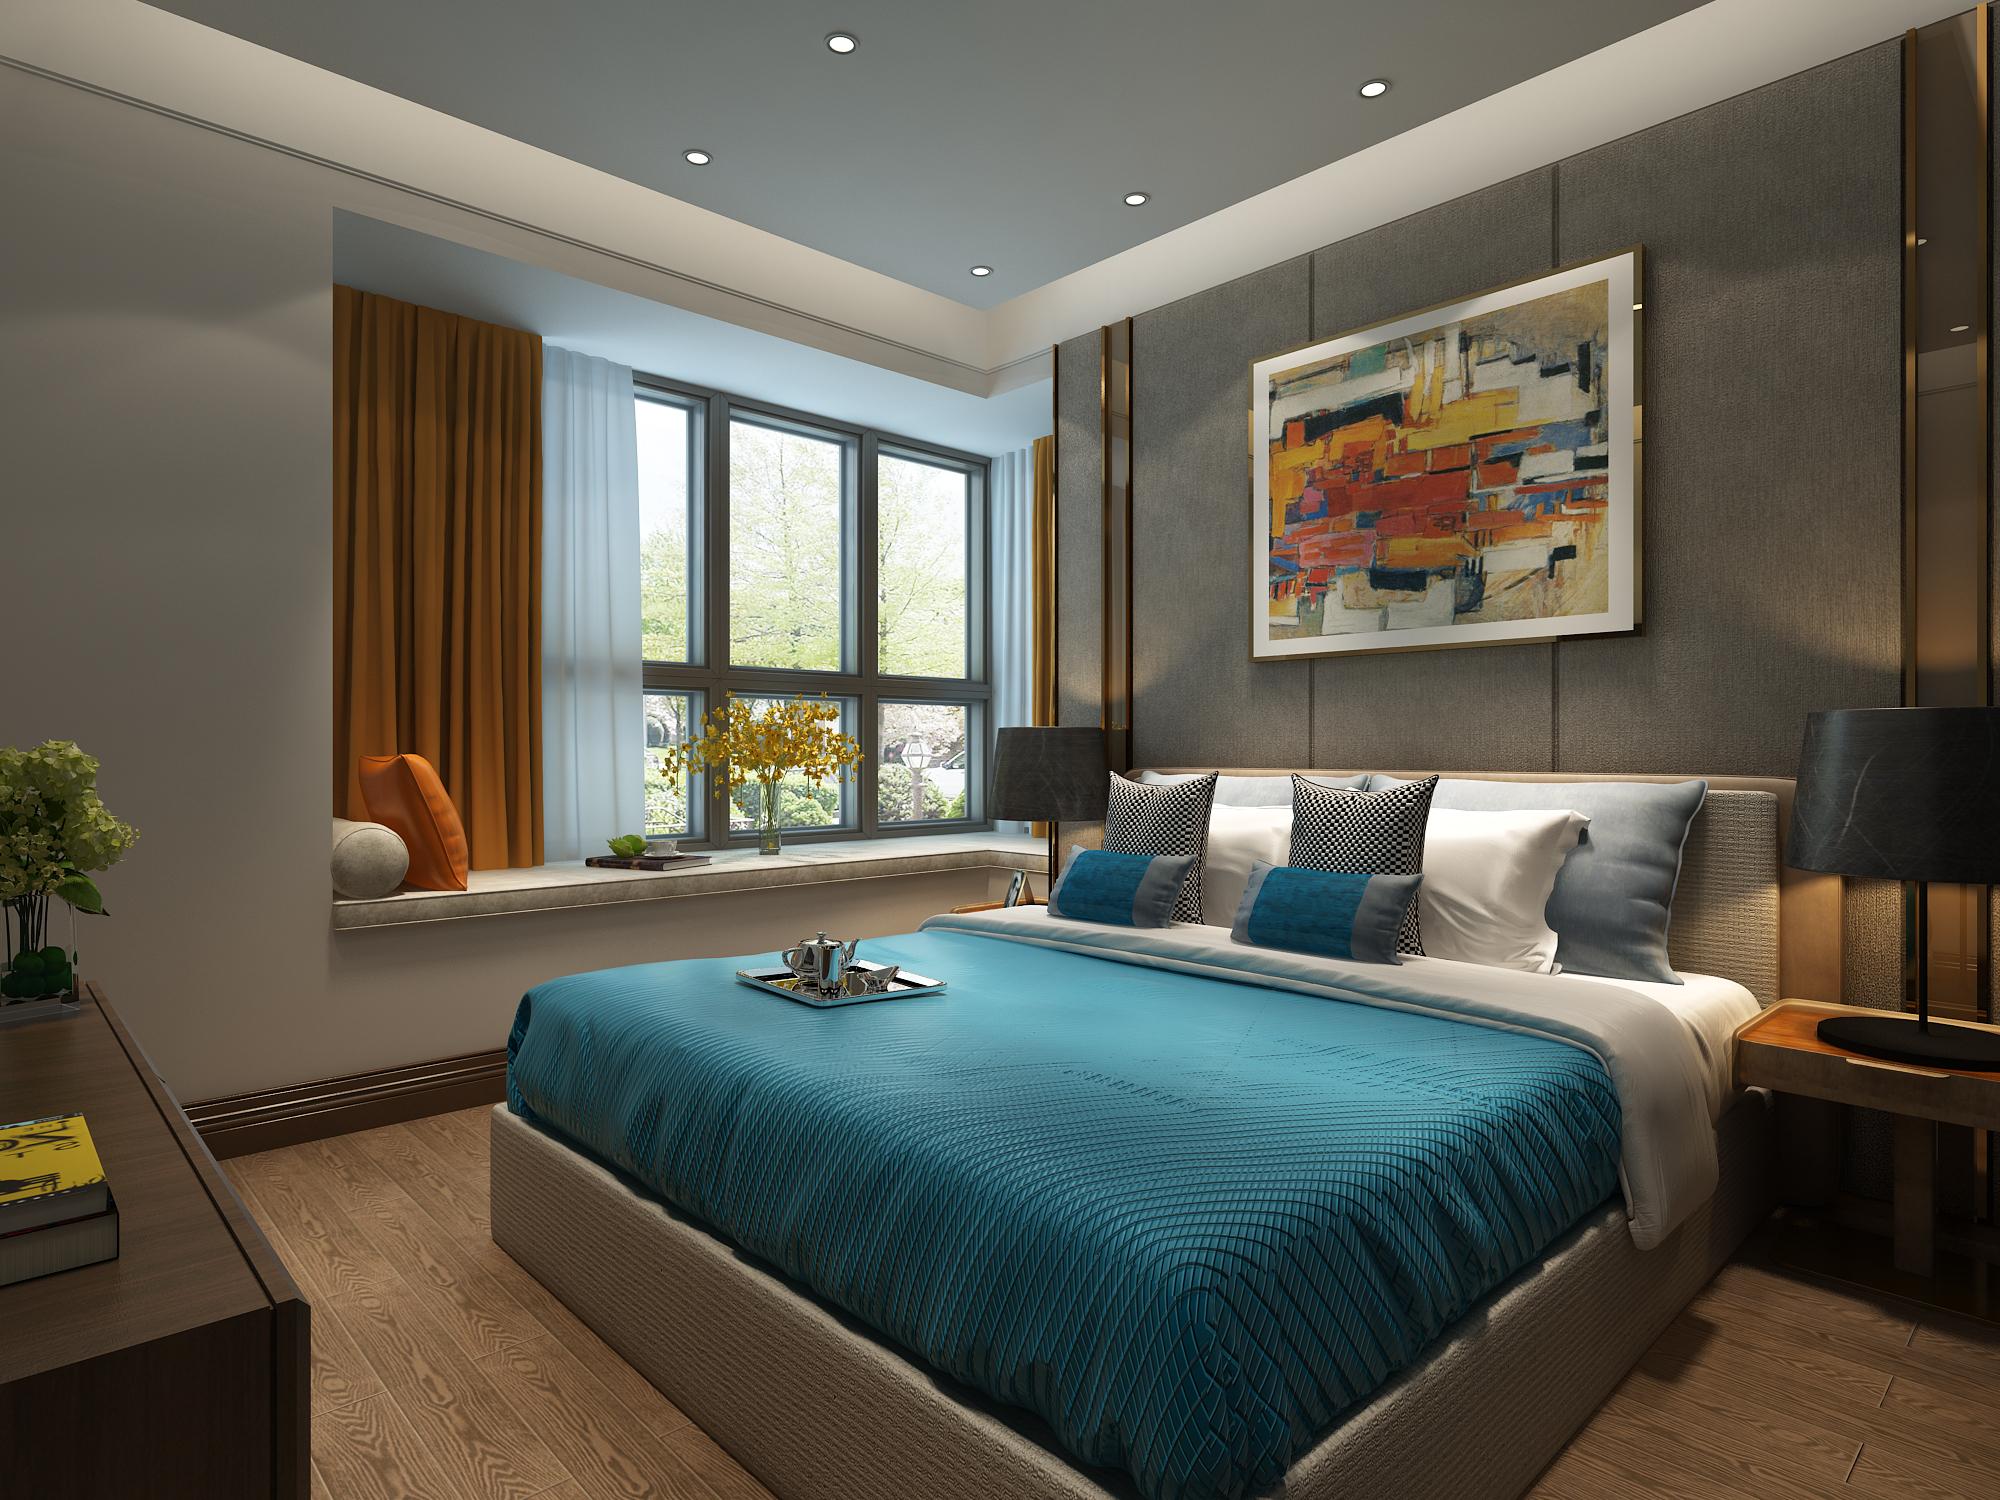 现代风格室内设计新房装修设计家装设计室内设计效果图施工图